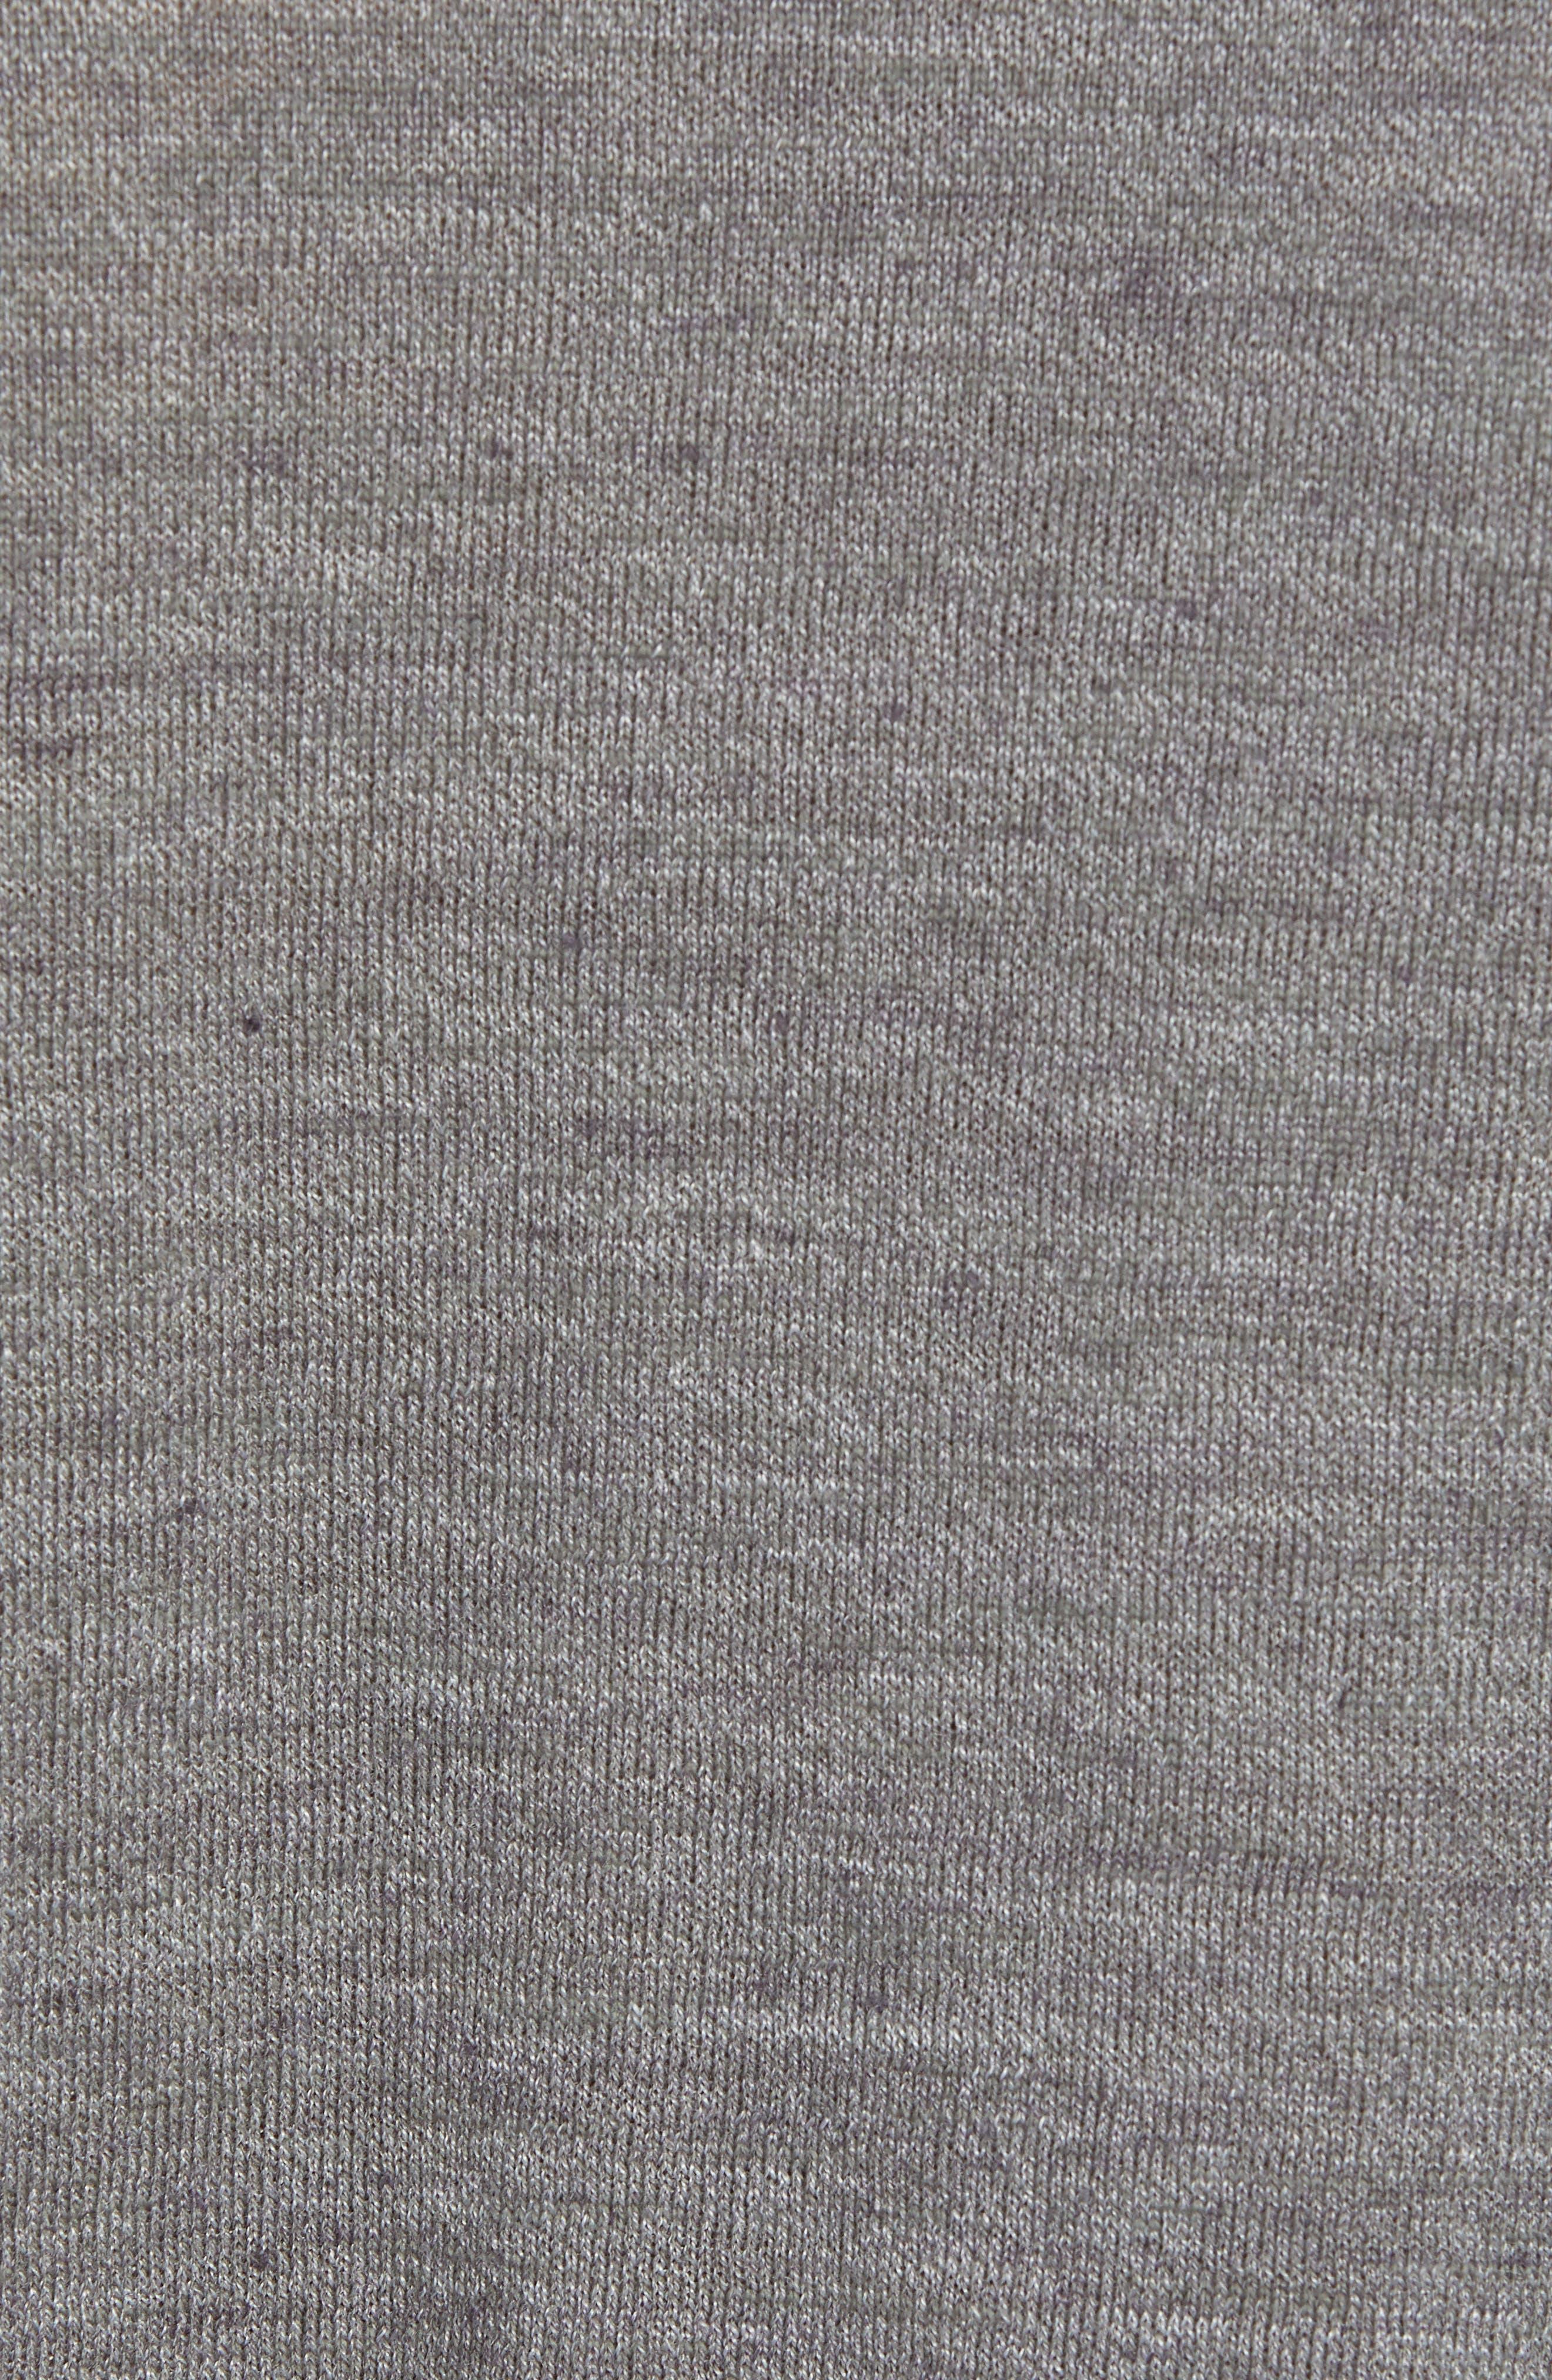 Cotton Blend Crewneck Sweater,                             Alternate thumbnail 17, color,